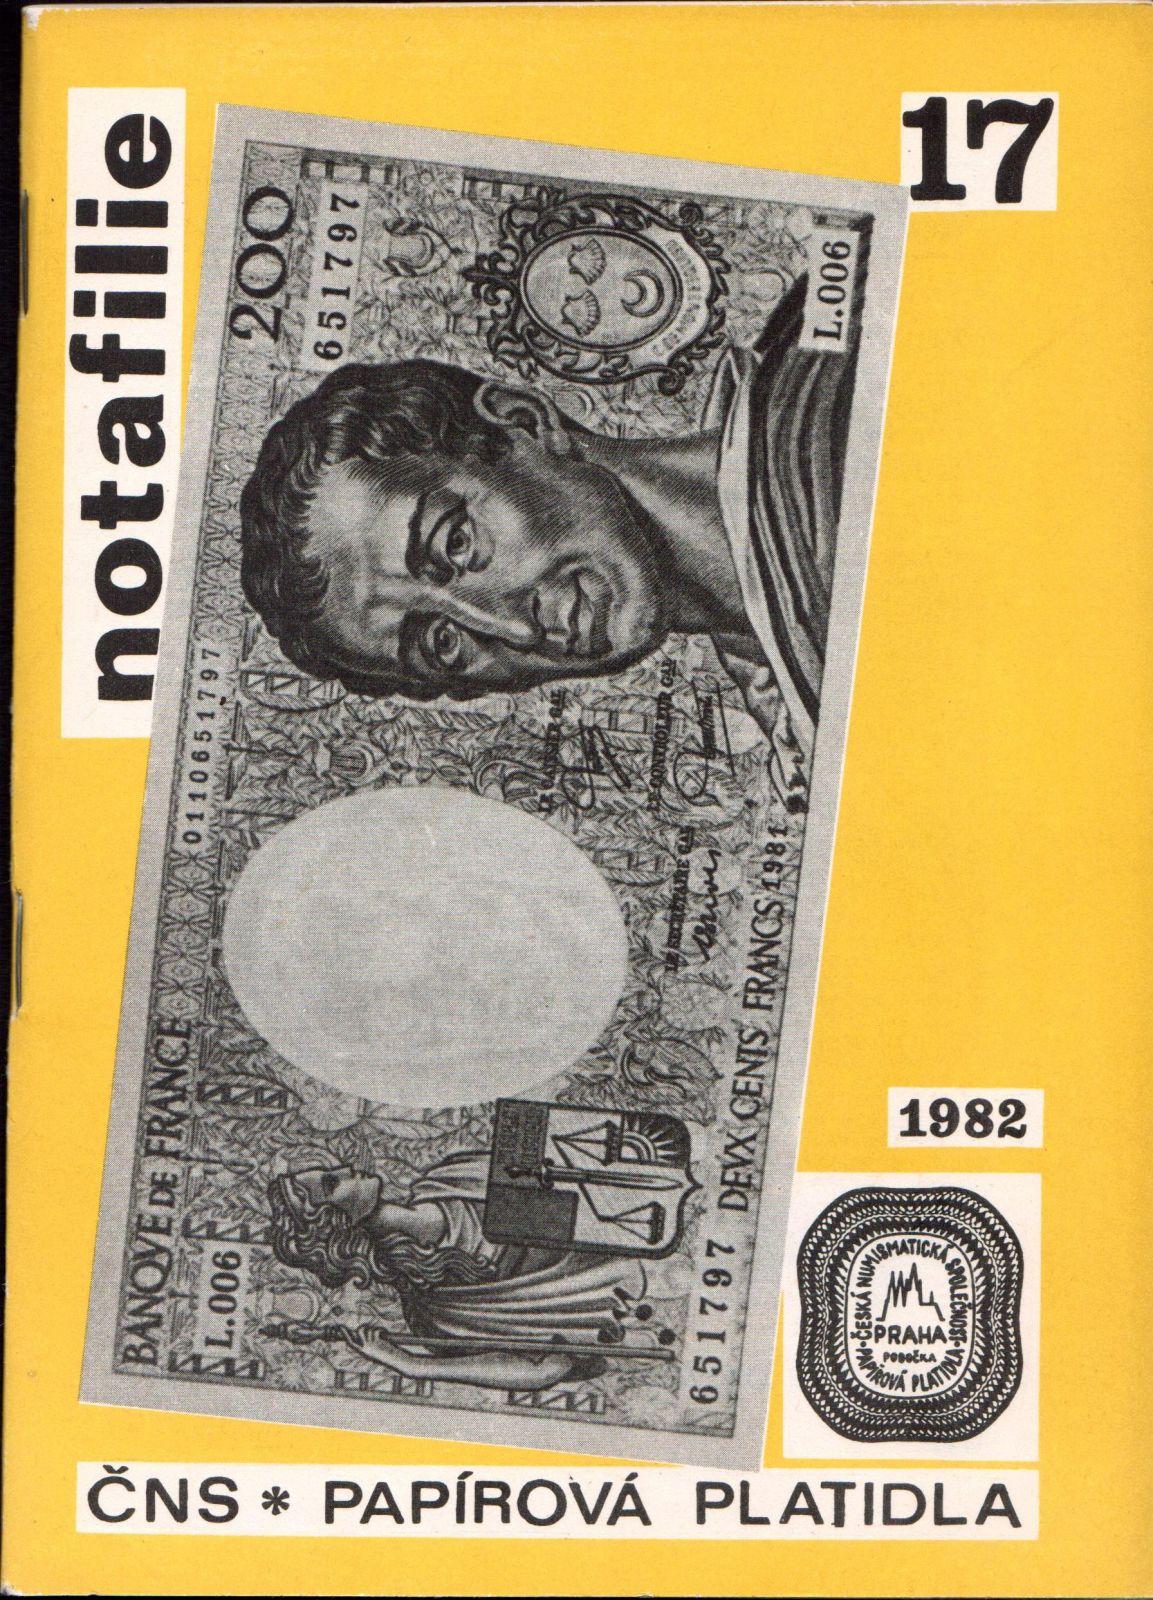 Časopis NOTAFILIE č. 17 (1982), vydaný ČNS - pobočka papírová platidla